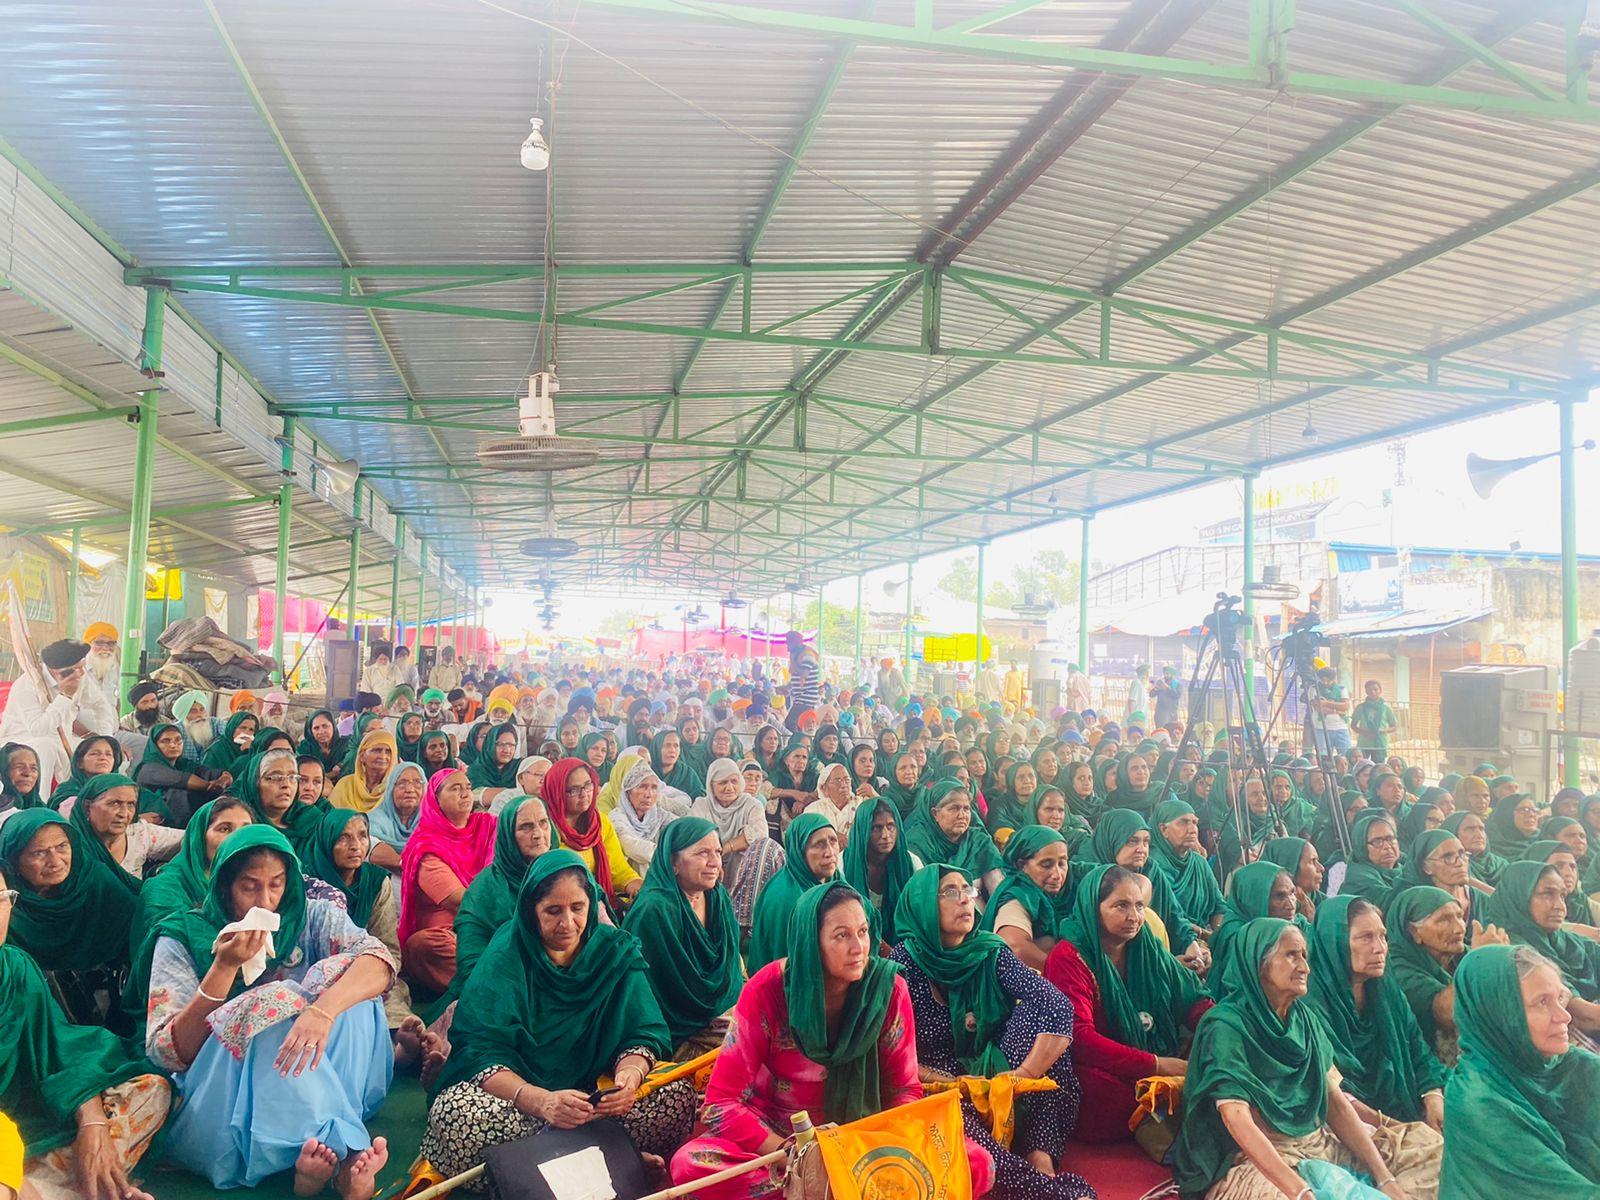 तीन कृषि कानूनों के खिलाफ किसान पिछले साढ़े नौ महीने से सिंघु बॉर्डर पर धरने पर बैठे हैं। इसमें बड़ी संख्या में महिलाएं भी शामिल हैं।